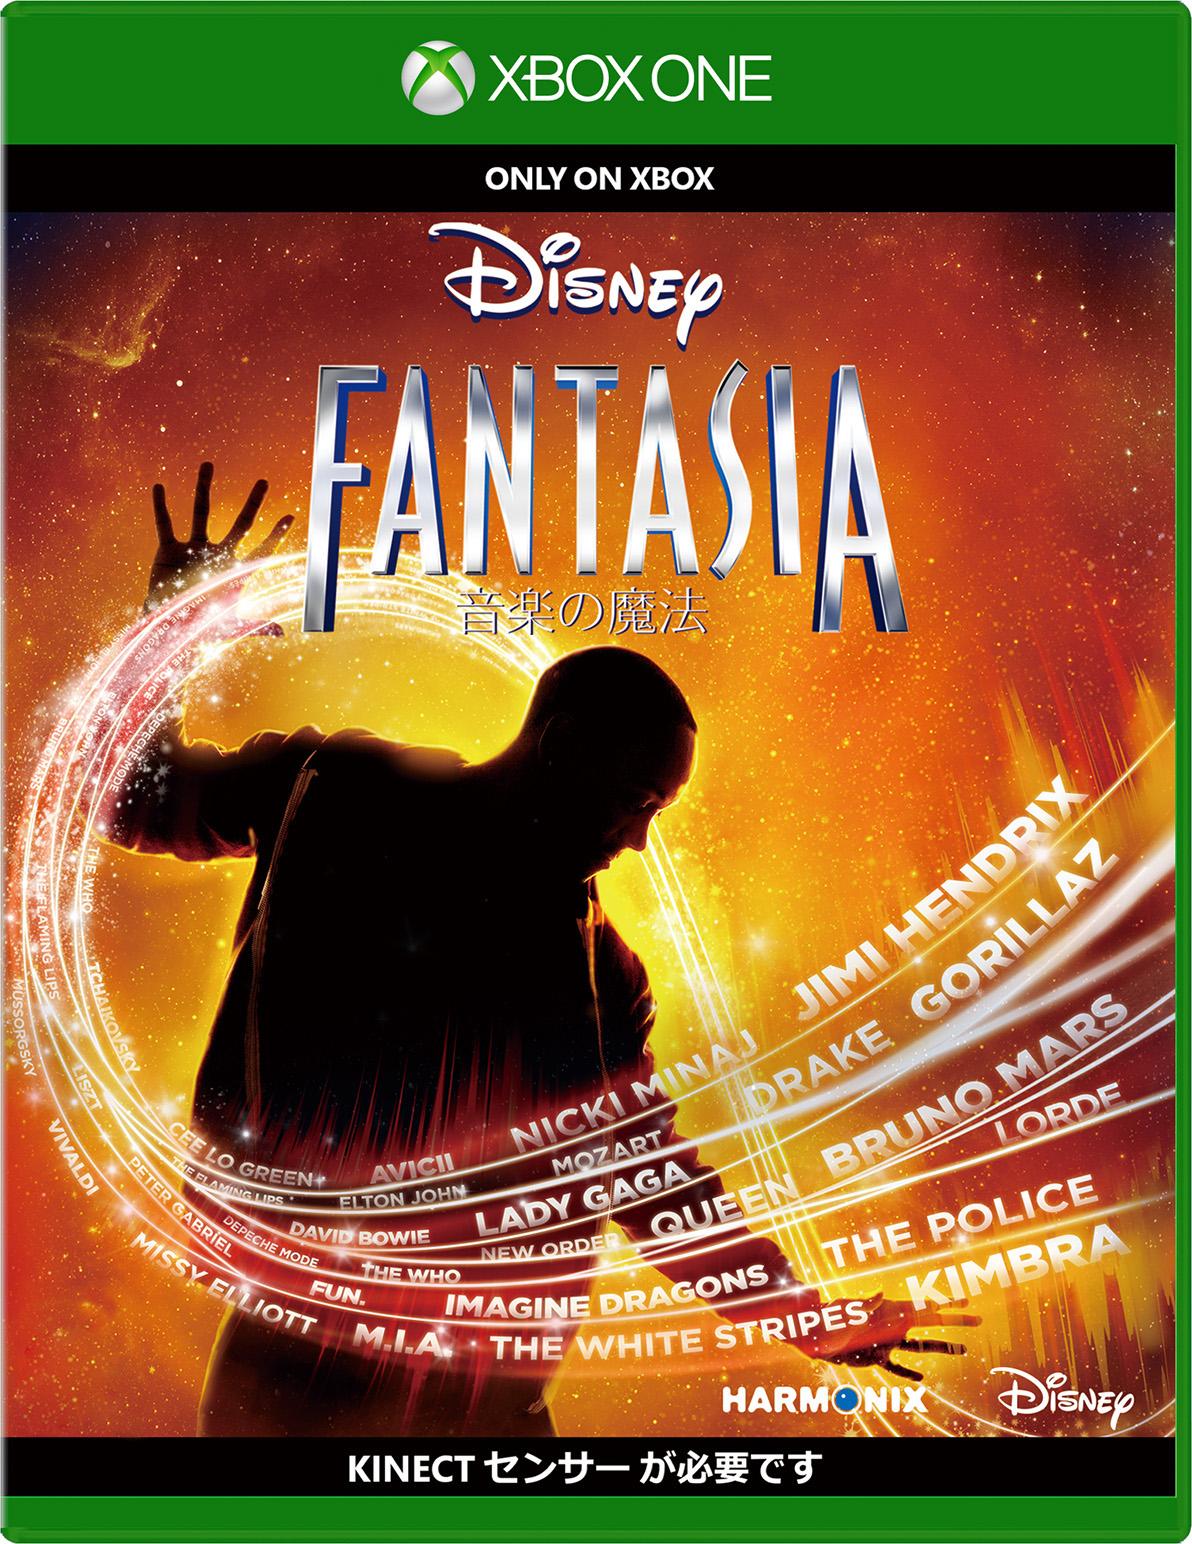 ディズニー ファンタジア:音楽の魔法 (Xbox One 版)